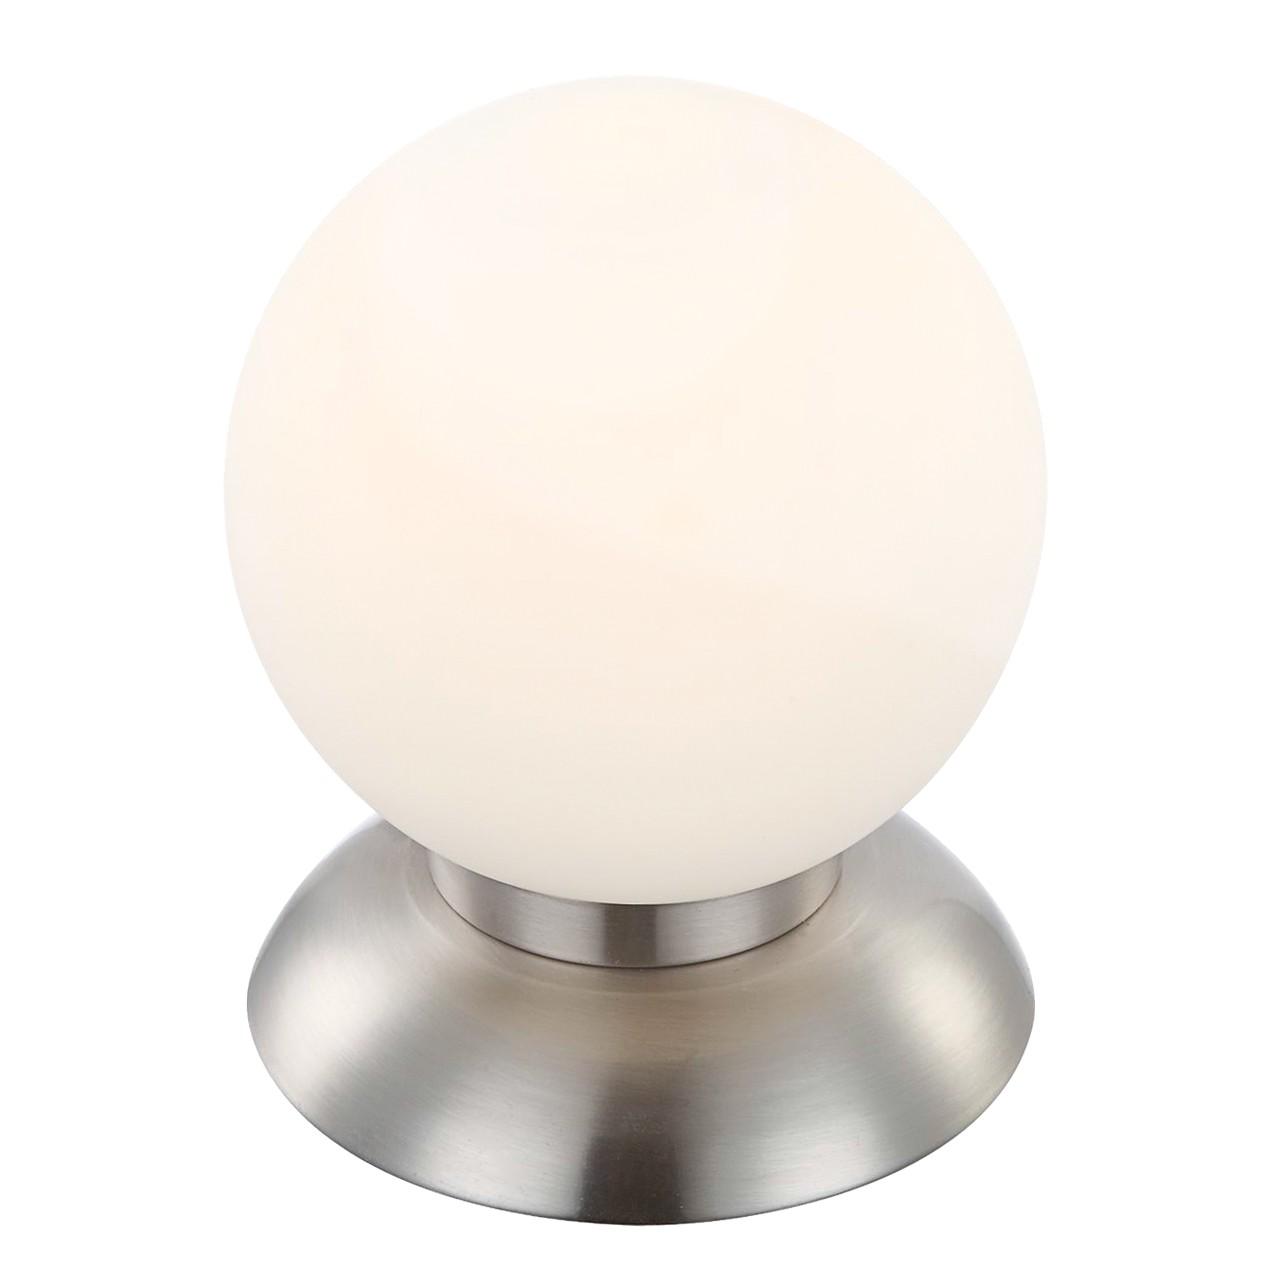 Tischleuchte Favre ● Metall/Glas ● 1-flammig- Nino Leuchten A++